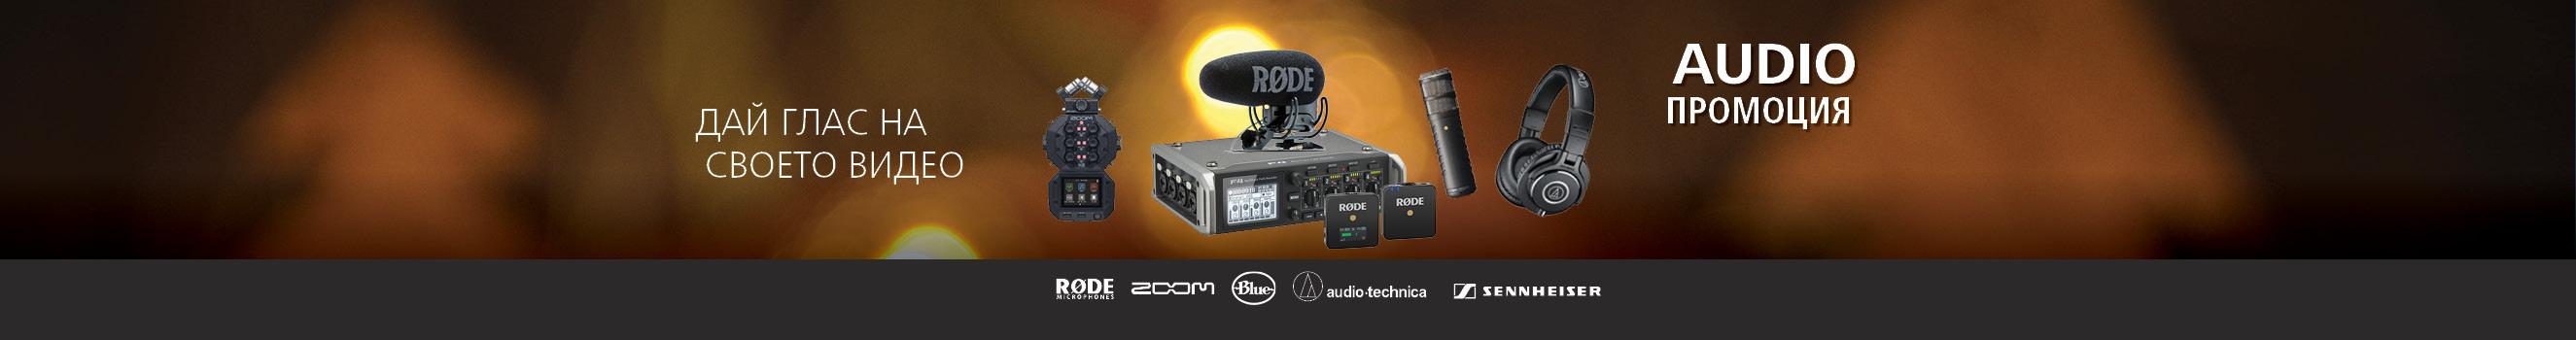 Промоция за аудио продукти за професионалисти и любители в магазини ФотоСинтезис